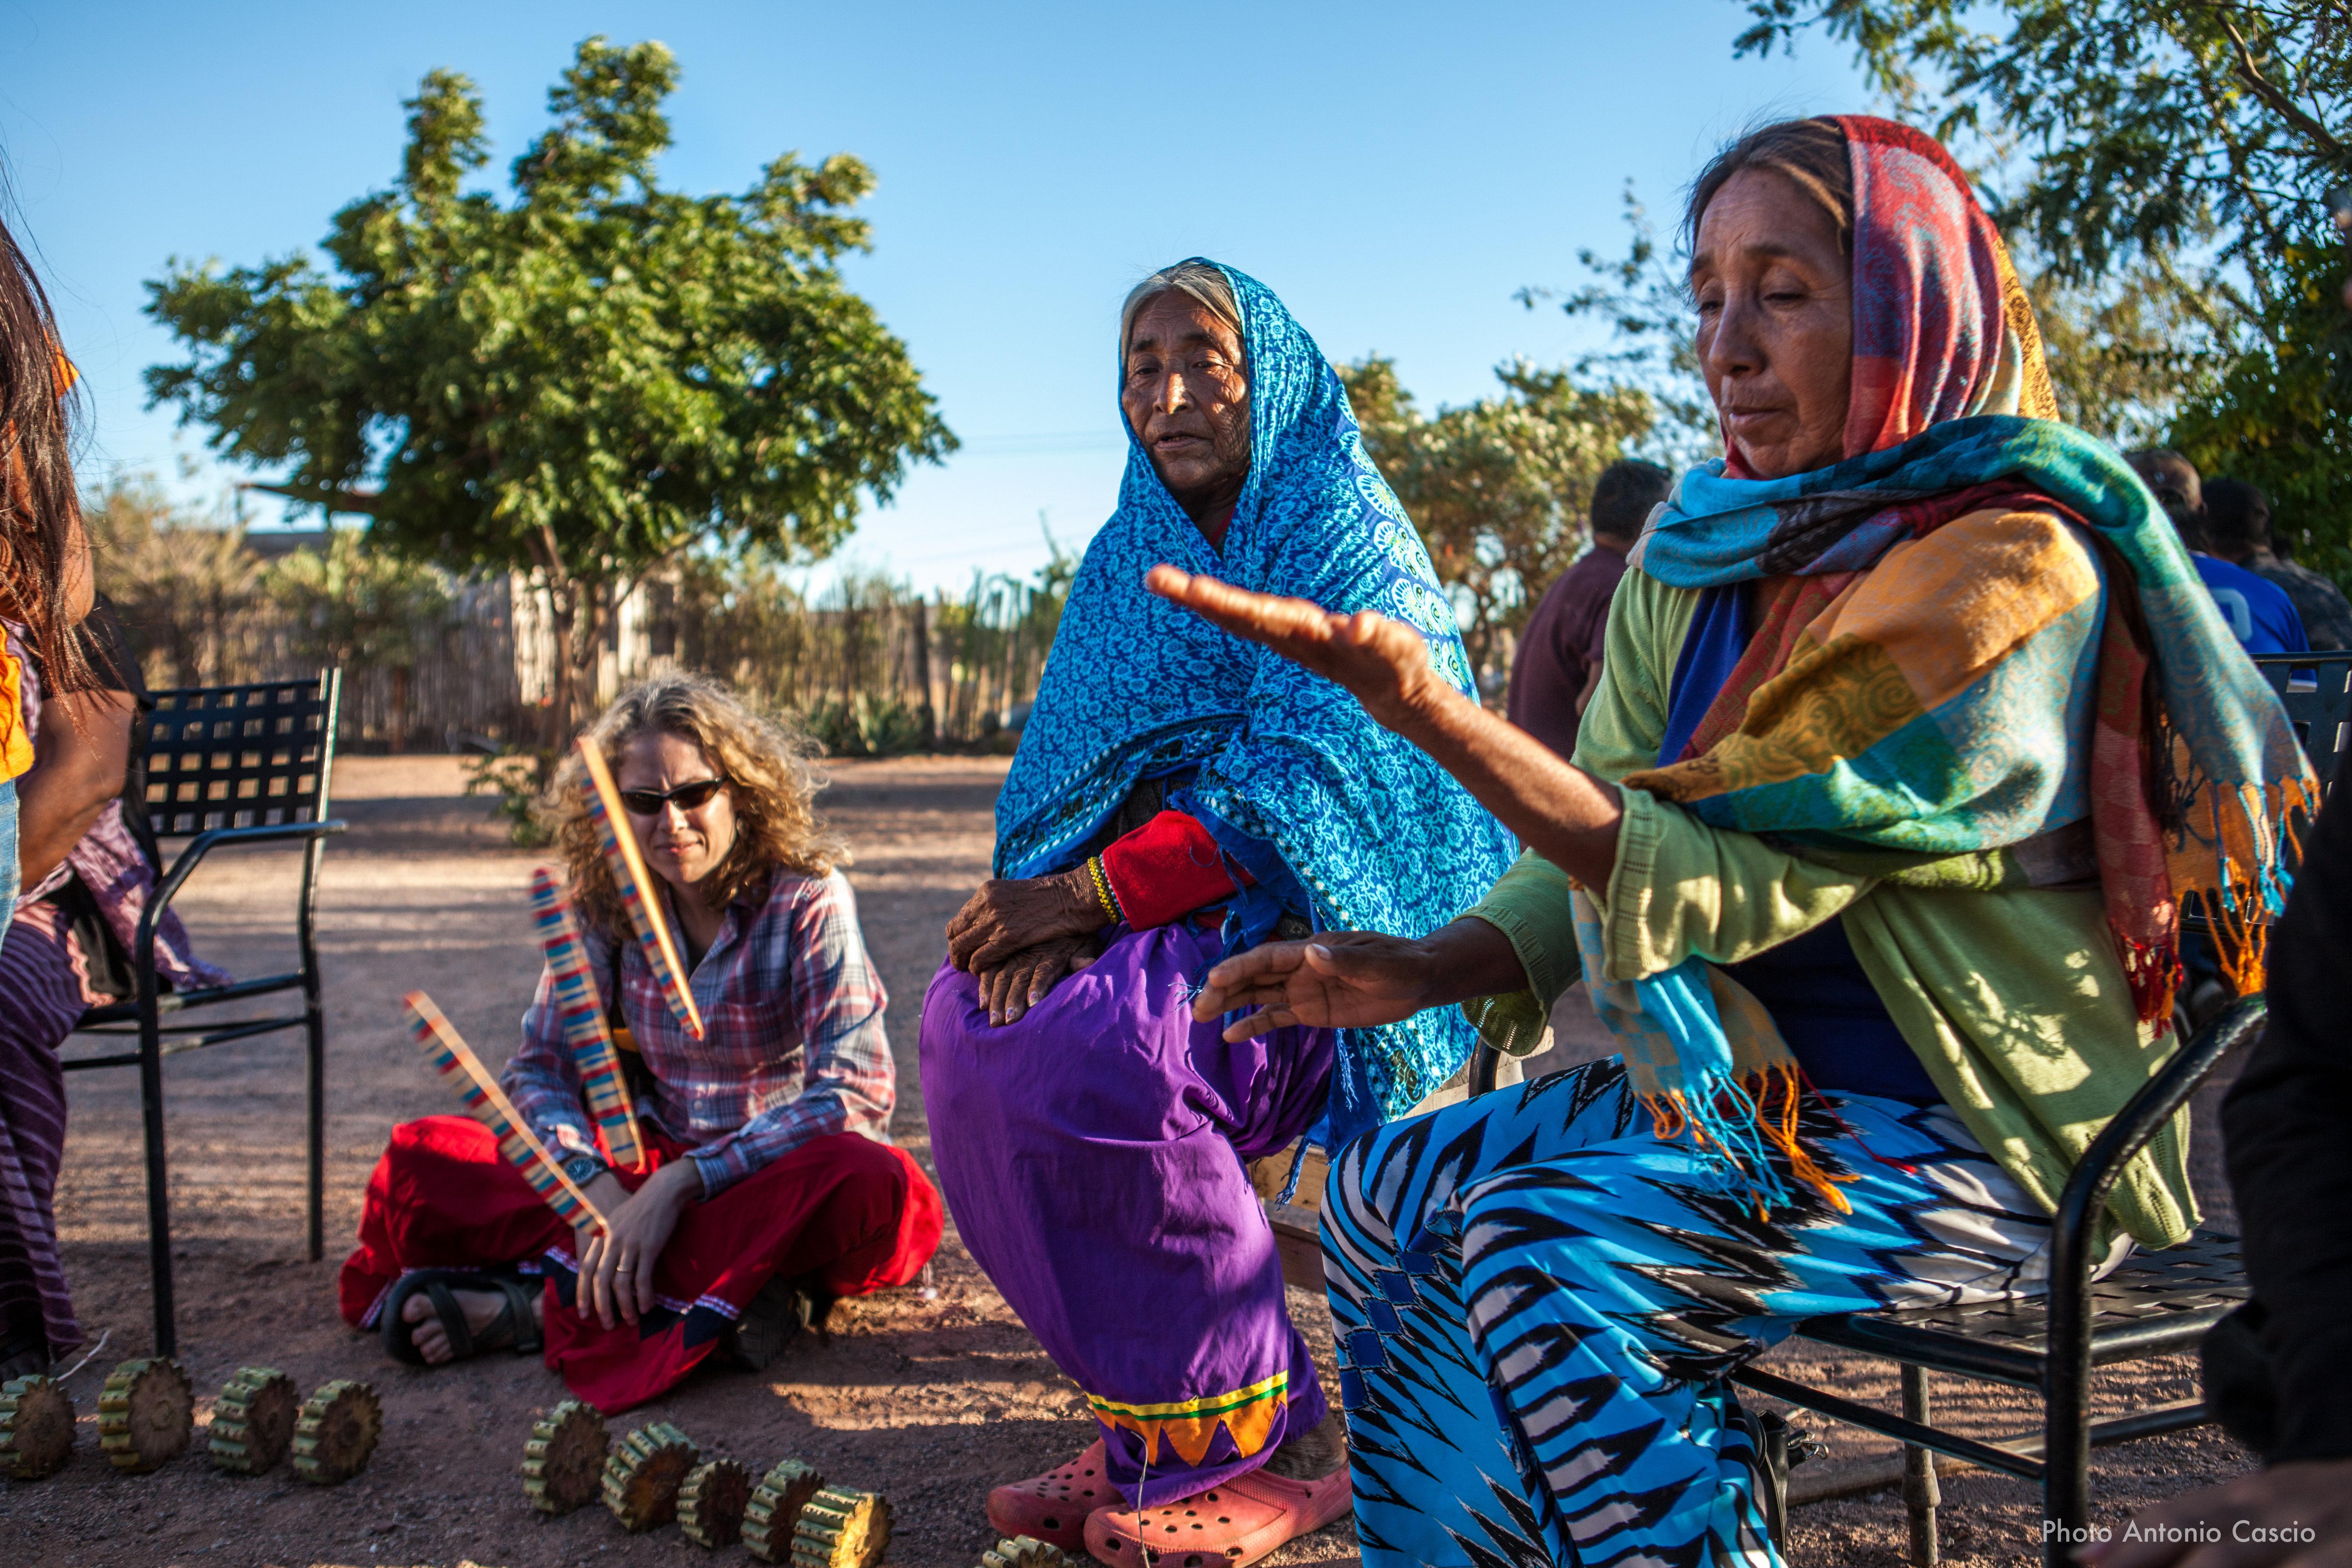 Donne indigene che partecipano a un gioco tradizionale durante le celebrazioni della festa della pubertà. Punta Chueca, Sonora, Mexico. 10/12/2019